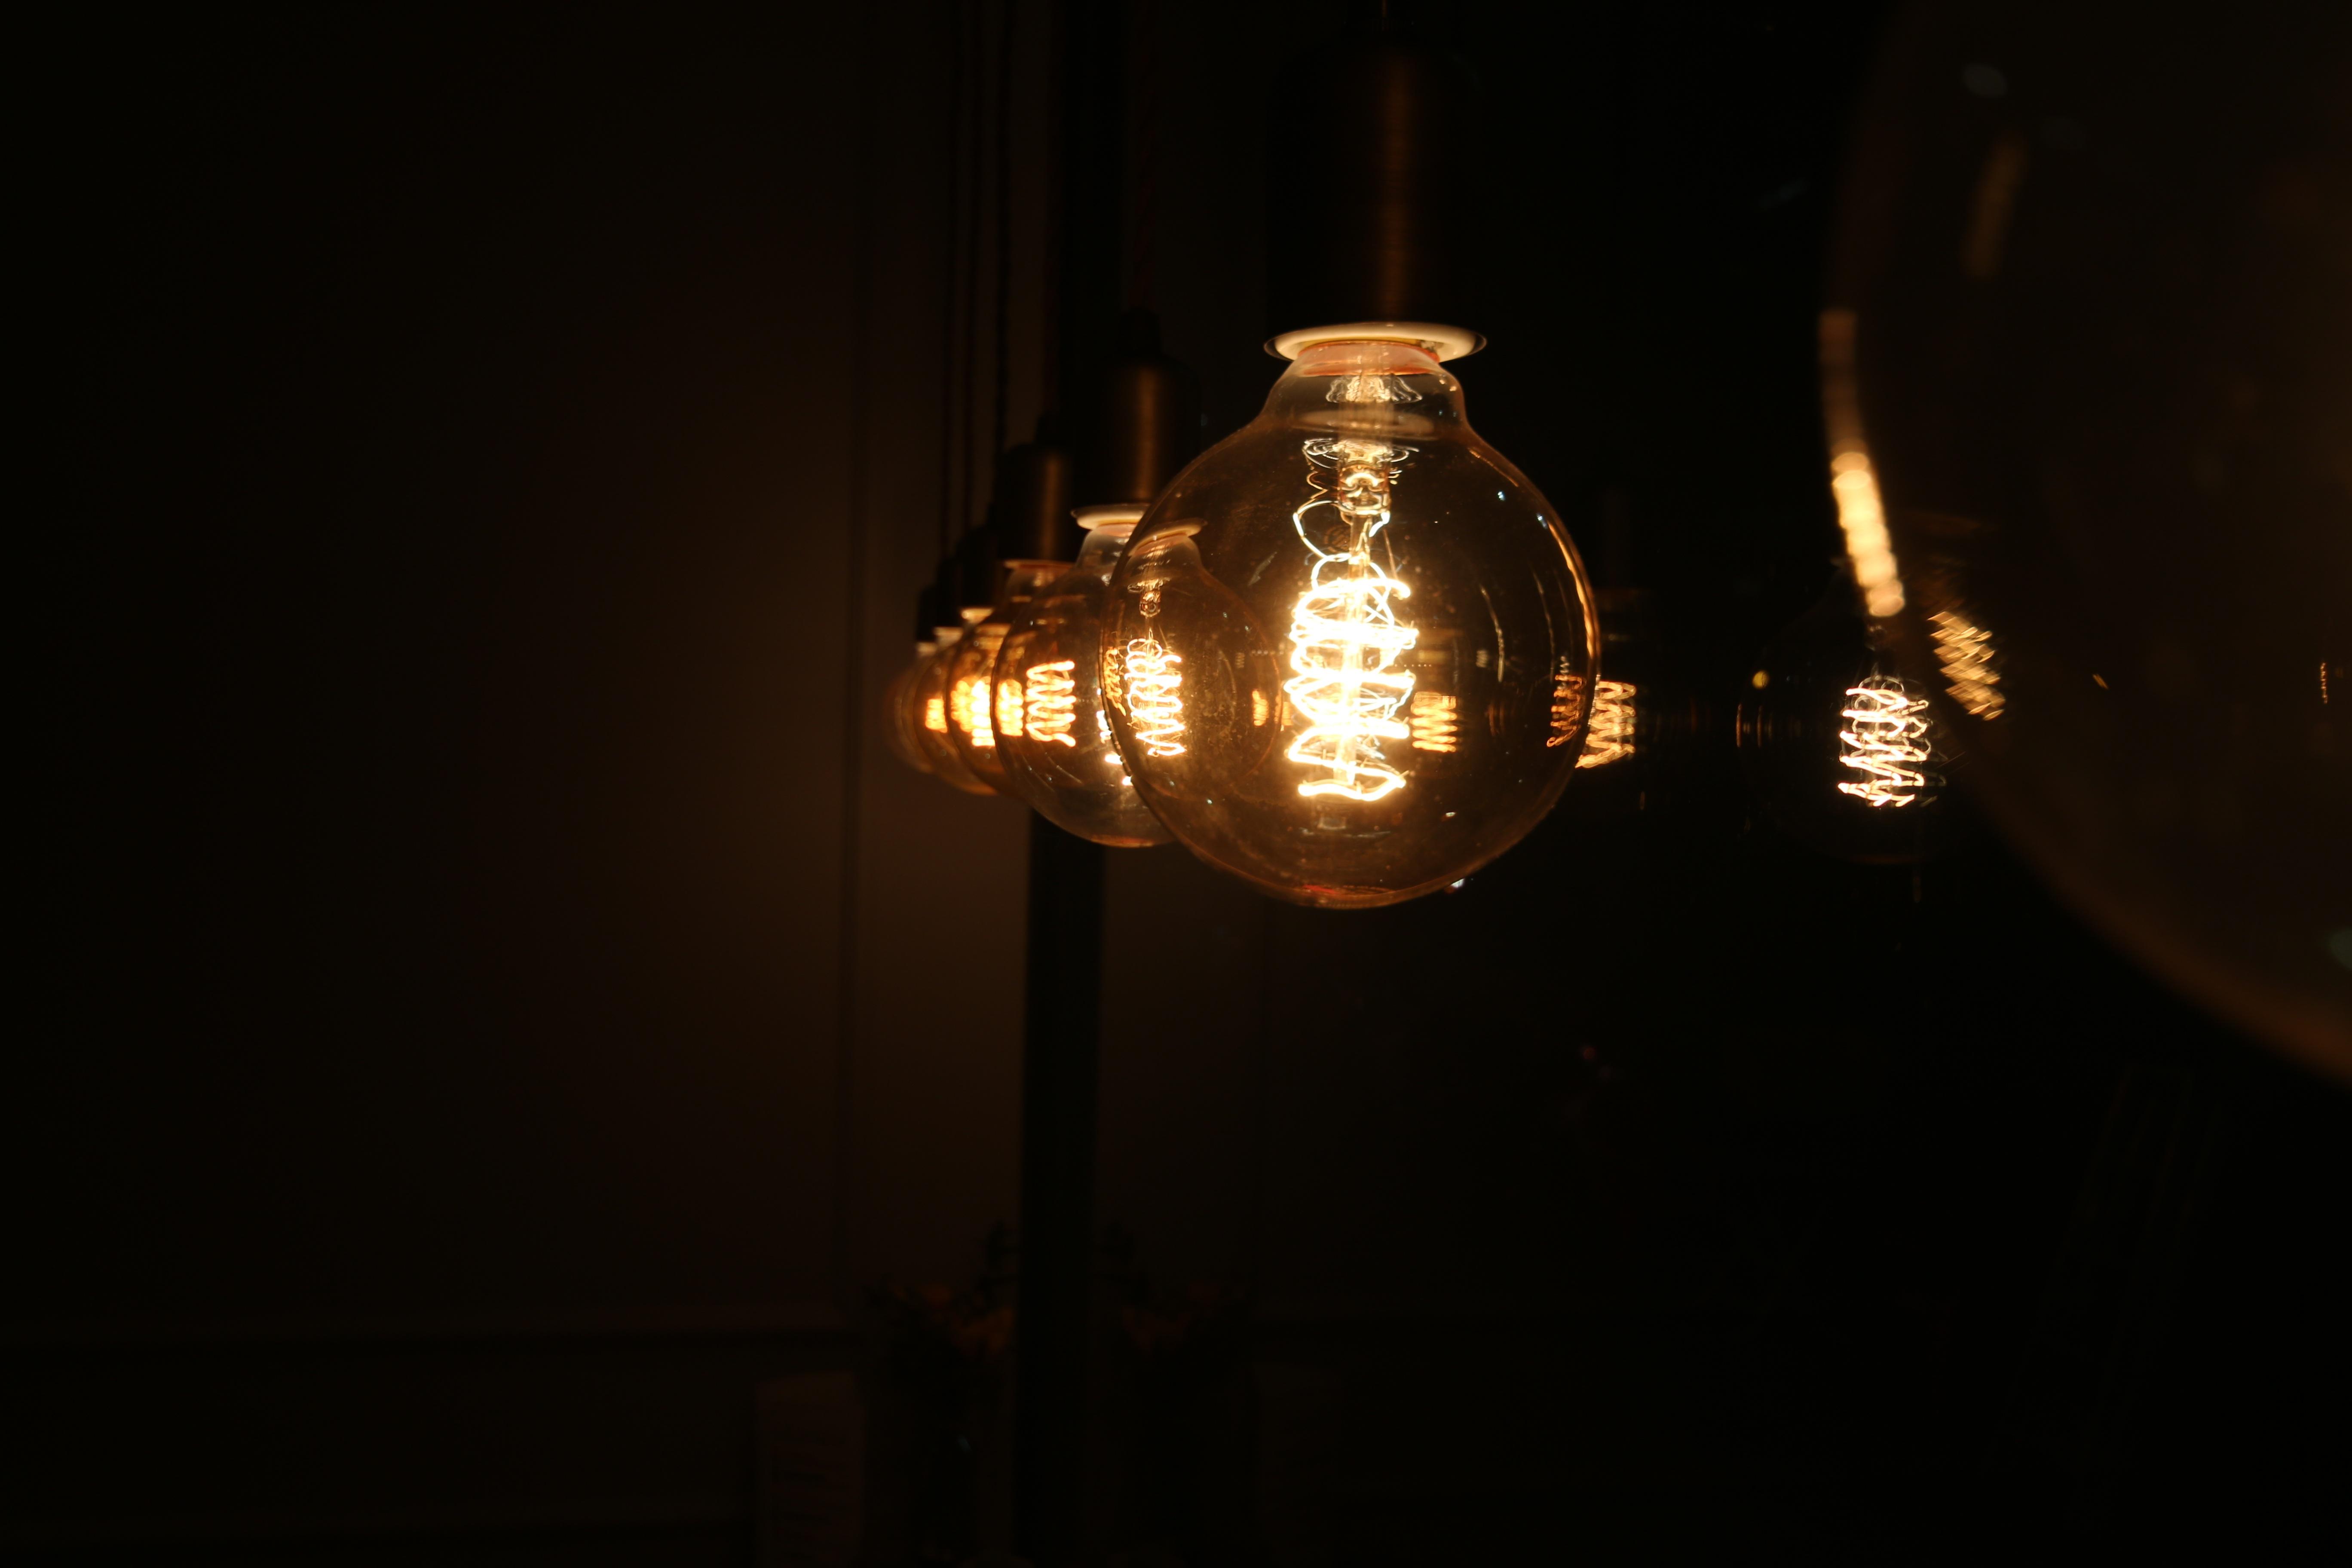 Fotos gratis ligero noche linterna reflexi n for Lampara de noche castorama